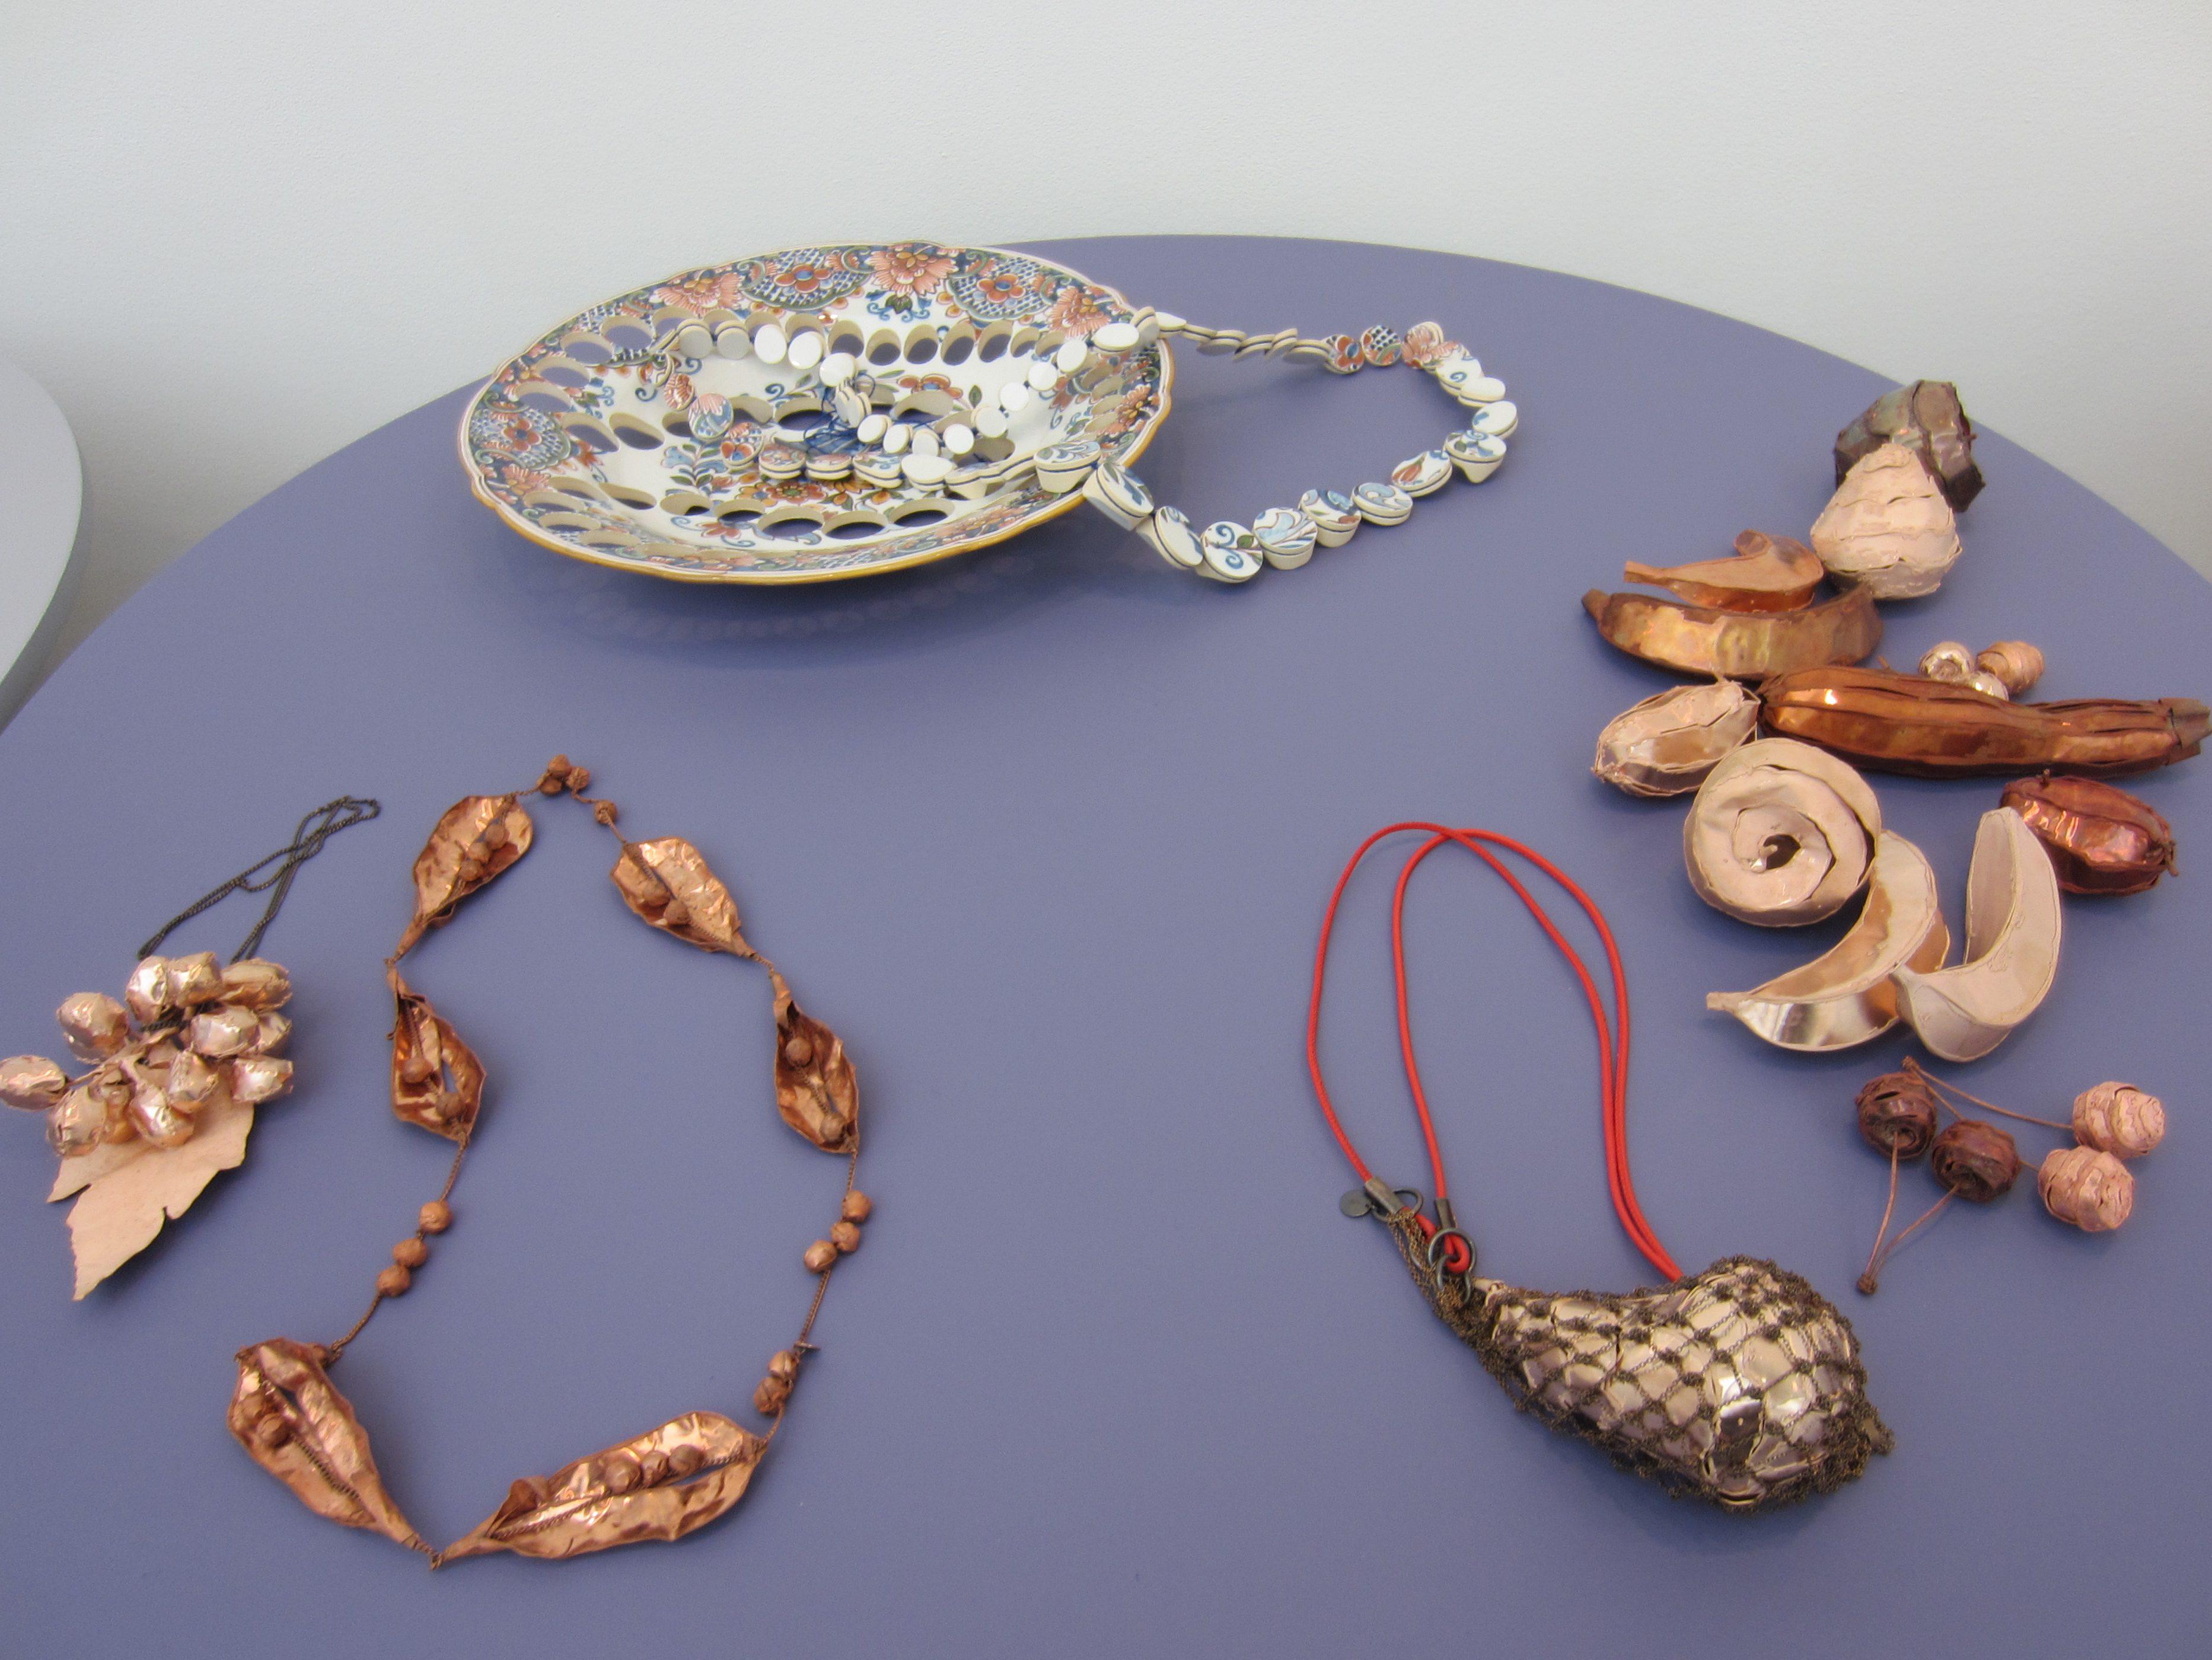 Gésine Hackenberg opgesteld door Galerie Ra, beurs, metaal, keramiek, textiel, halssieraden